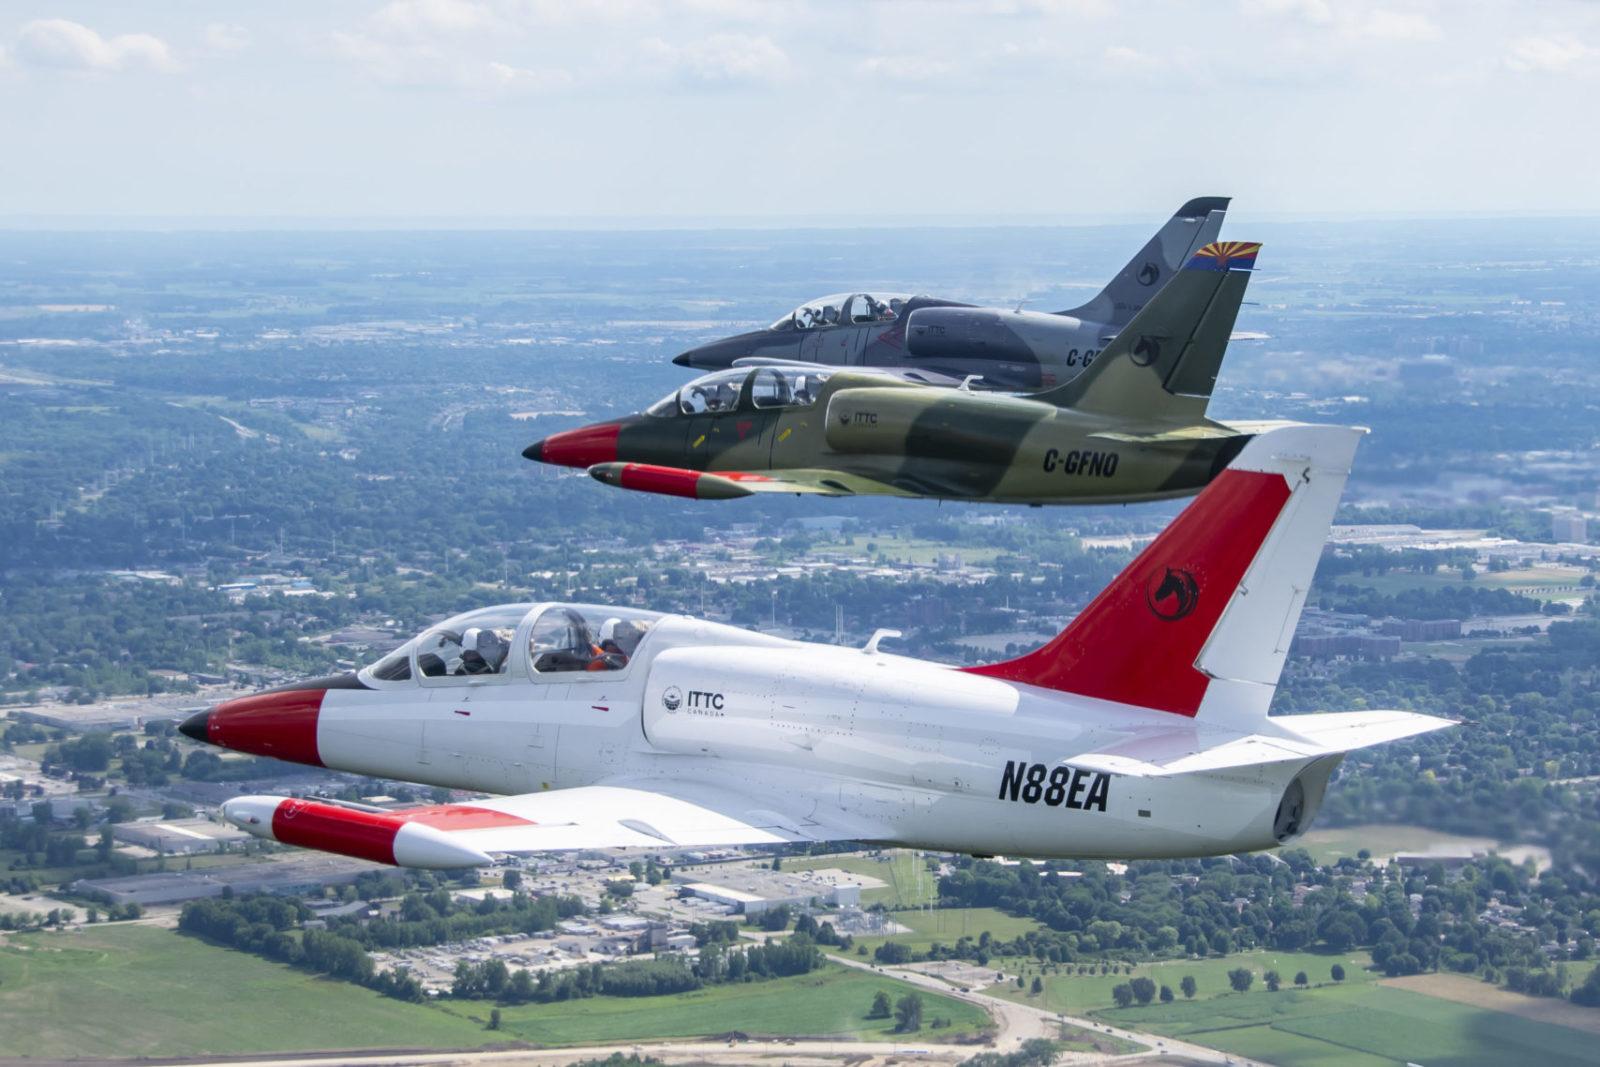 Three Aero Vodochody L39 aircraft in the sky.